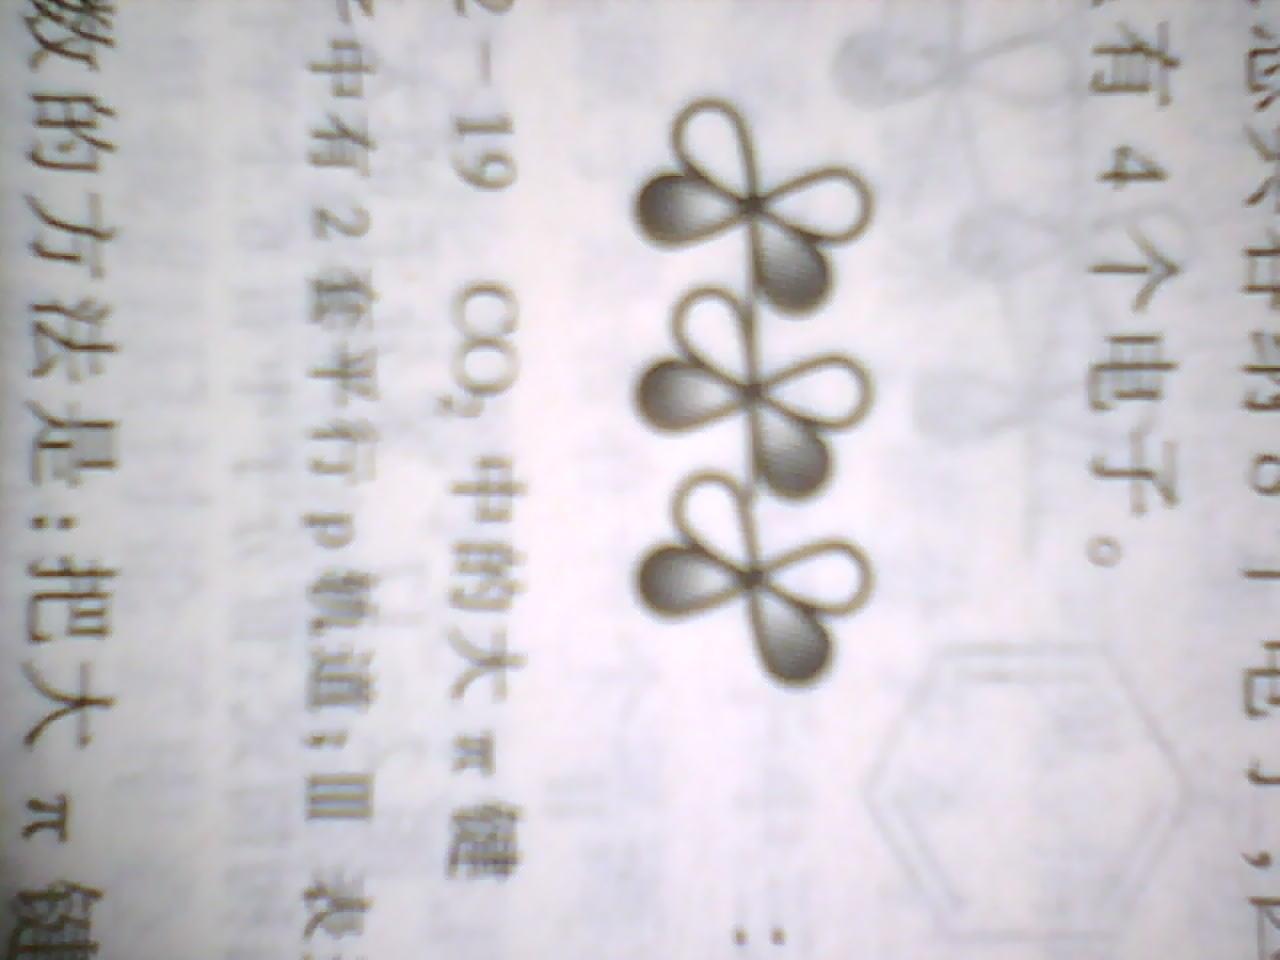 co2的大π键轨道数